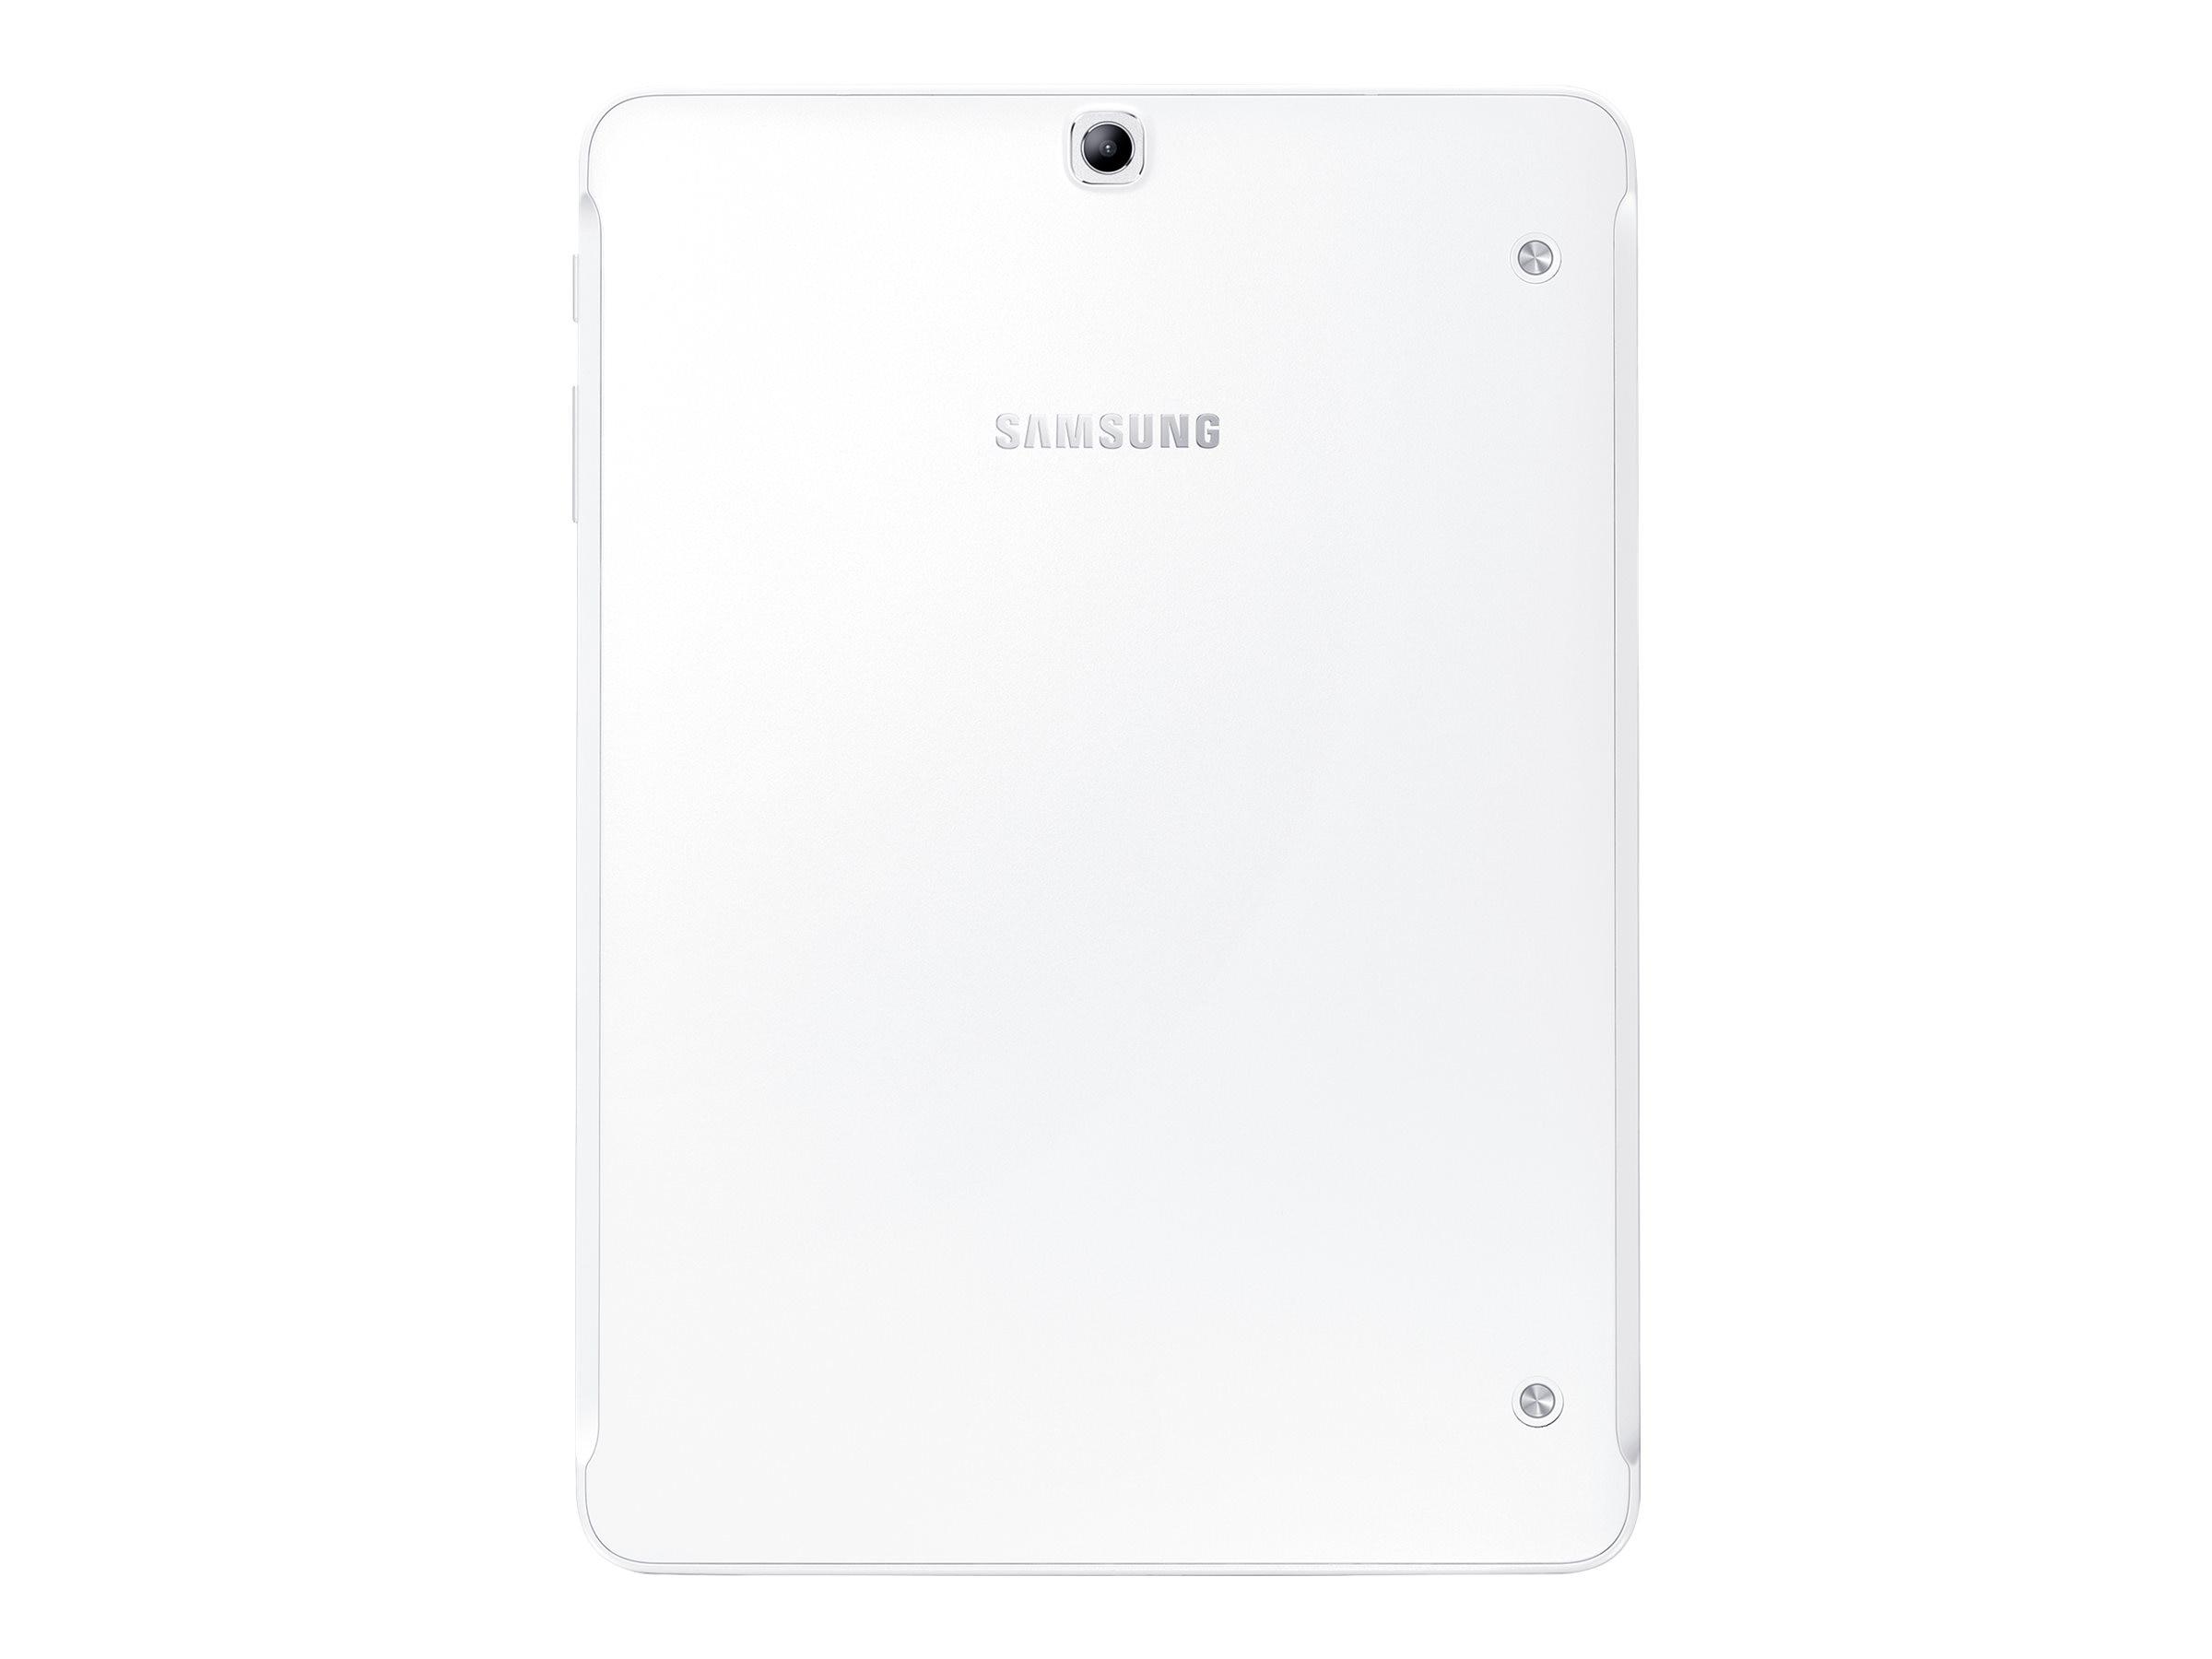 Samsung SM-T813NZWEXAR Image 5